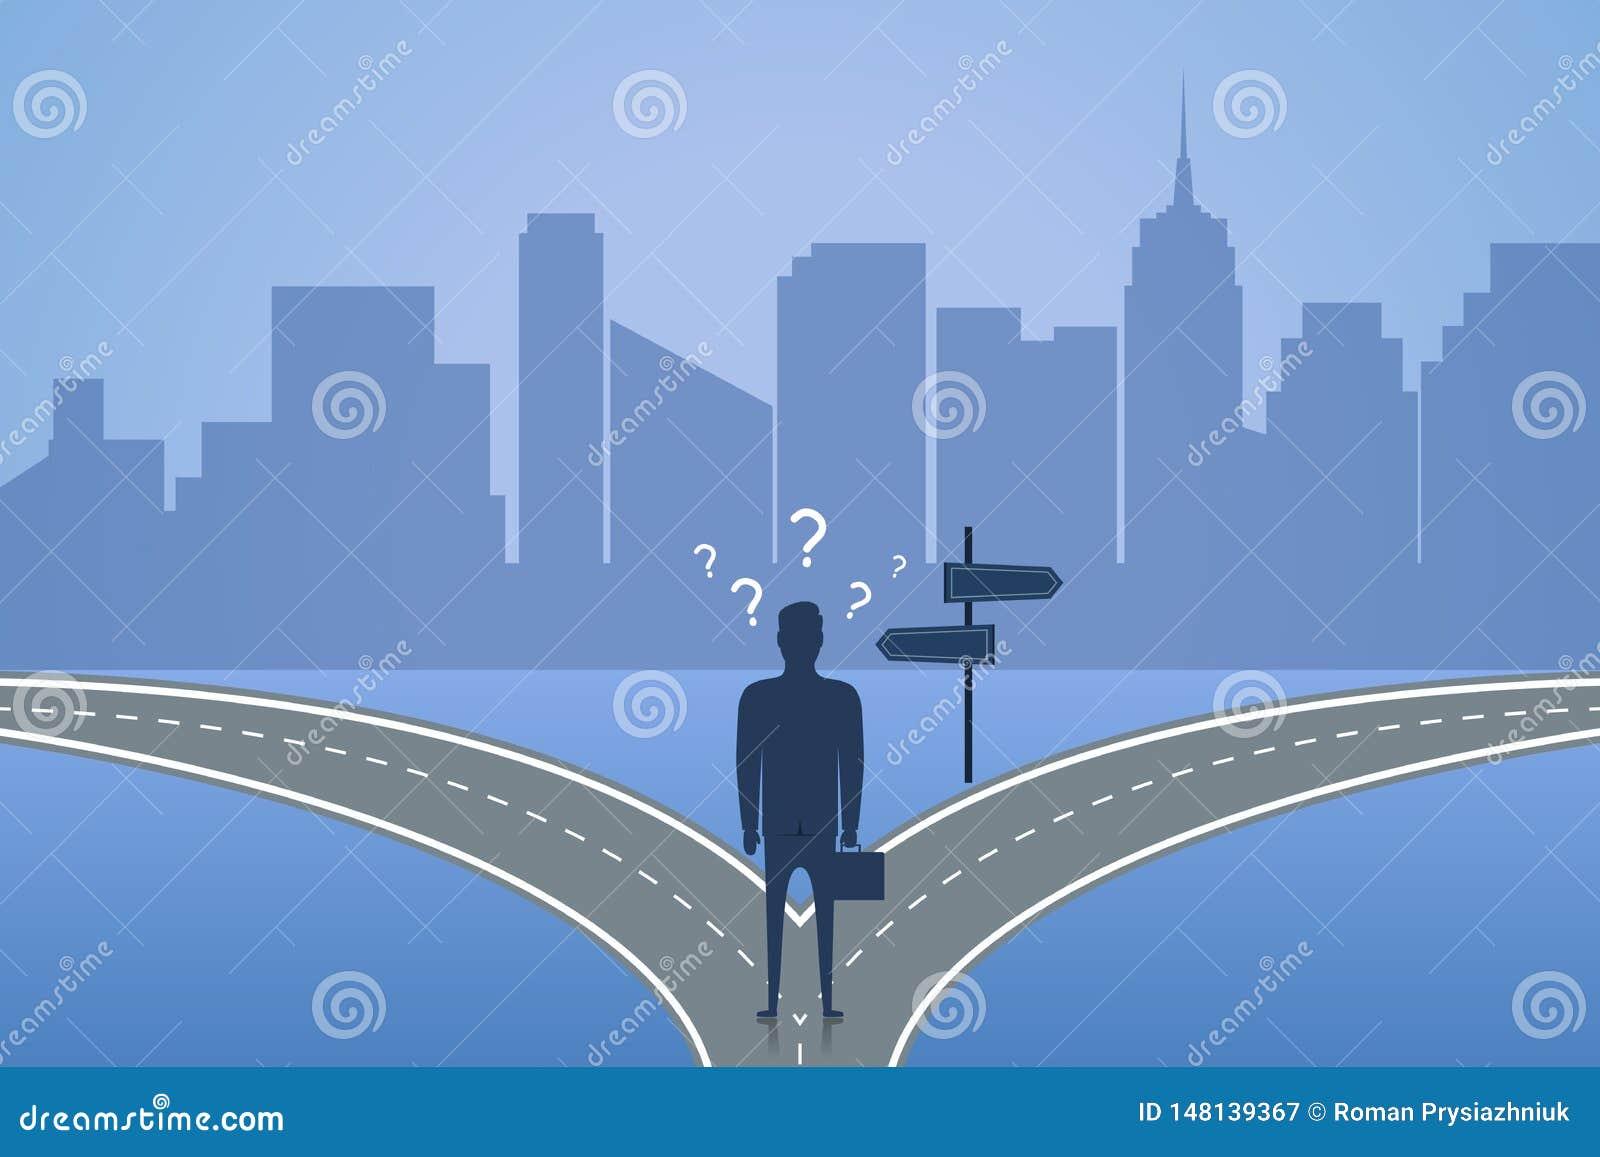 Geschäftsmannstellung auf der Kreuzung und wählt Weise Konzept der Wahl die beste Lösung für Zukunft oder Geschäft Vektor